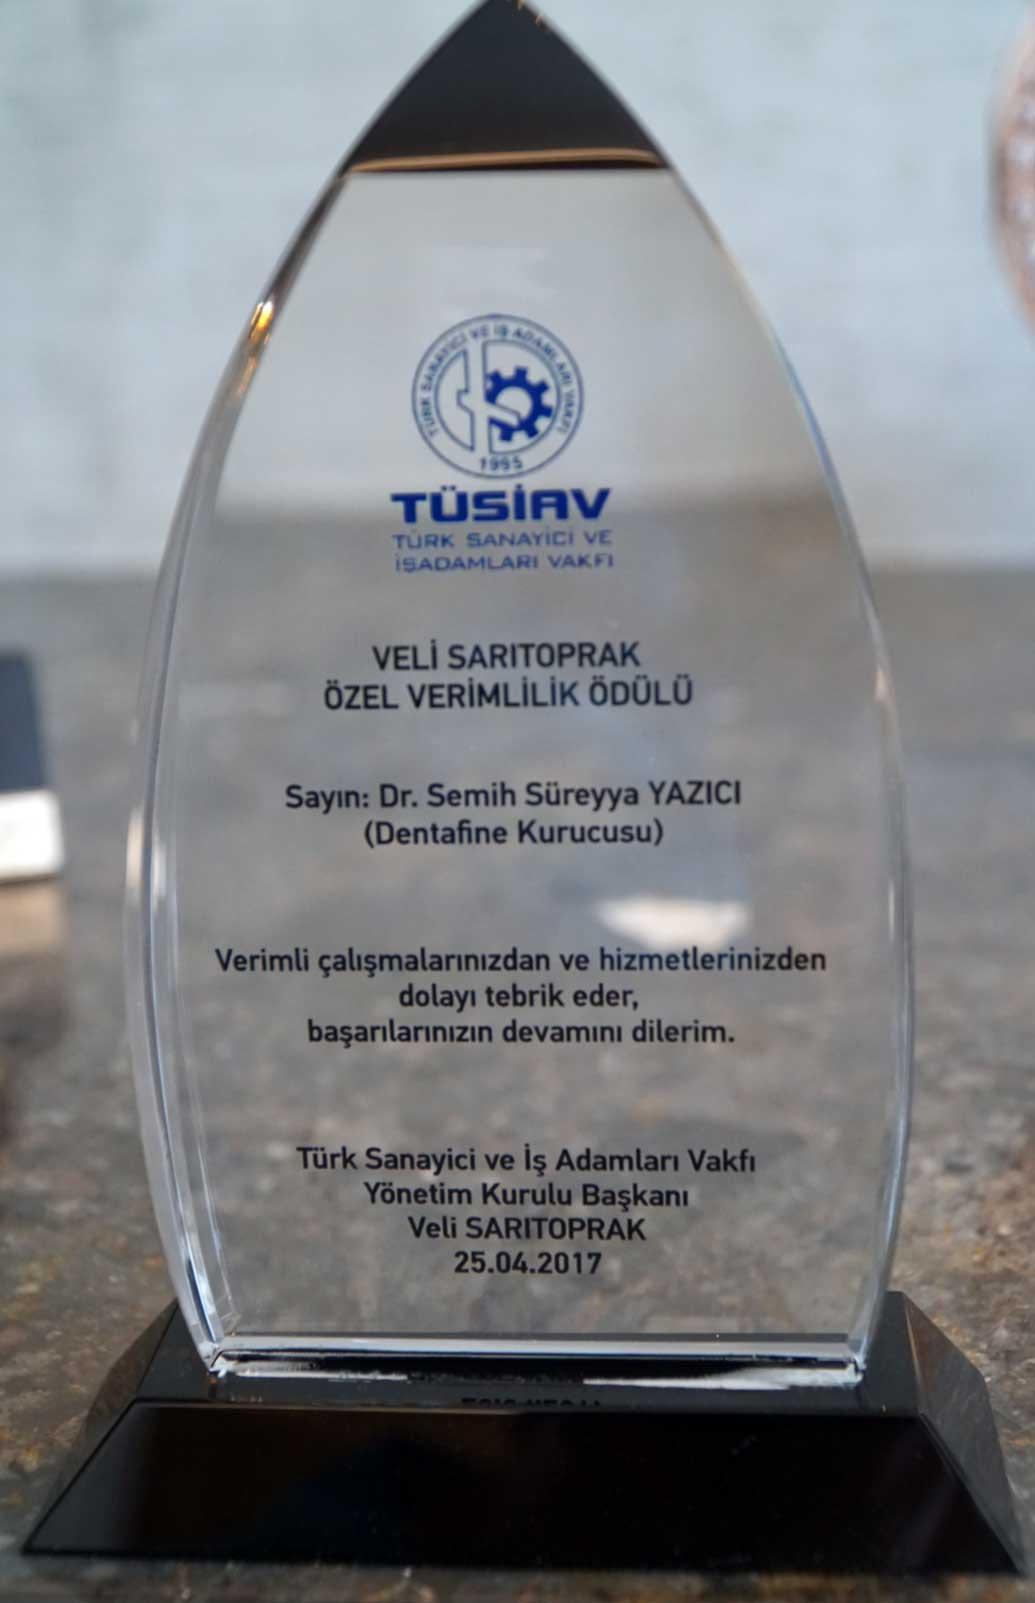 Tüsiav Özel Verimlilik Ödülü - Dr. semih Süreyya YAZICI